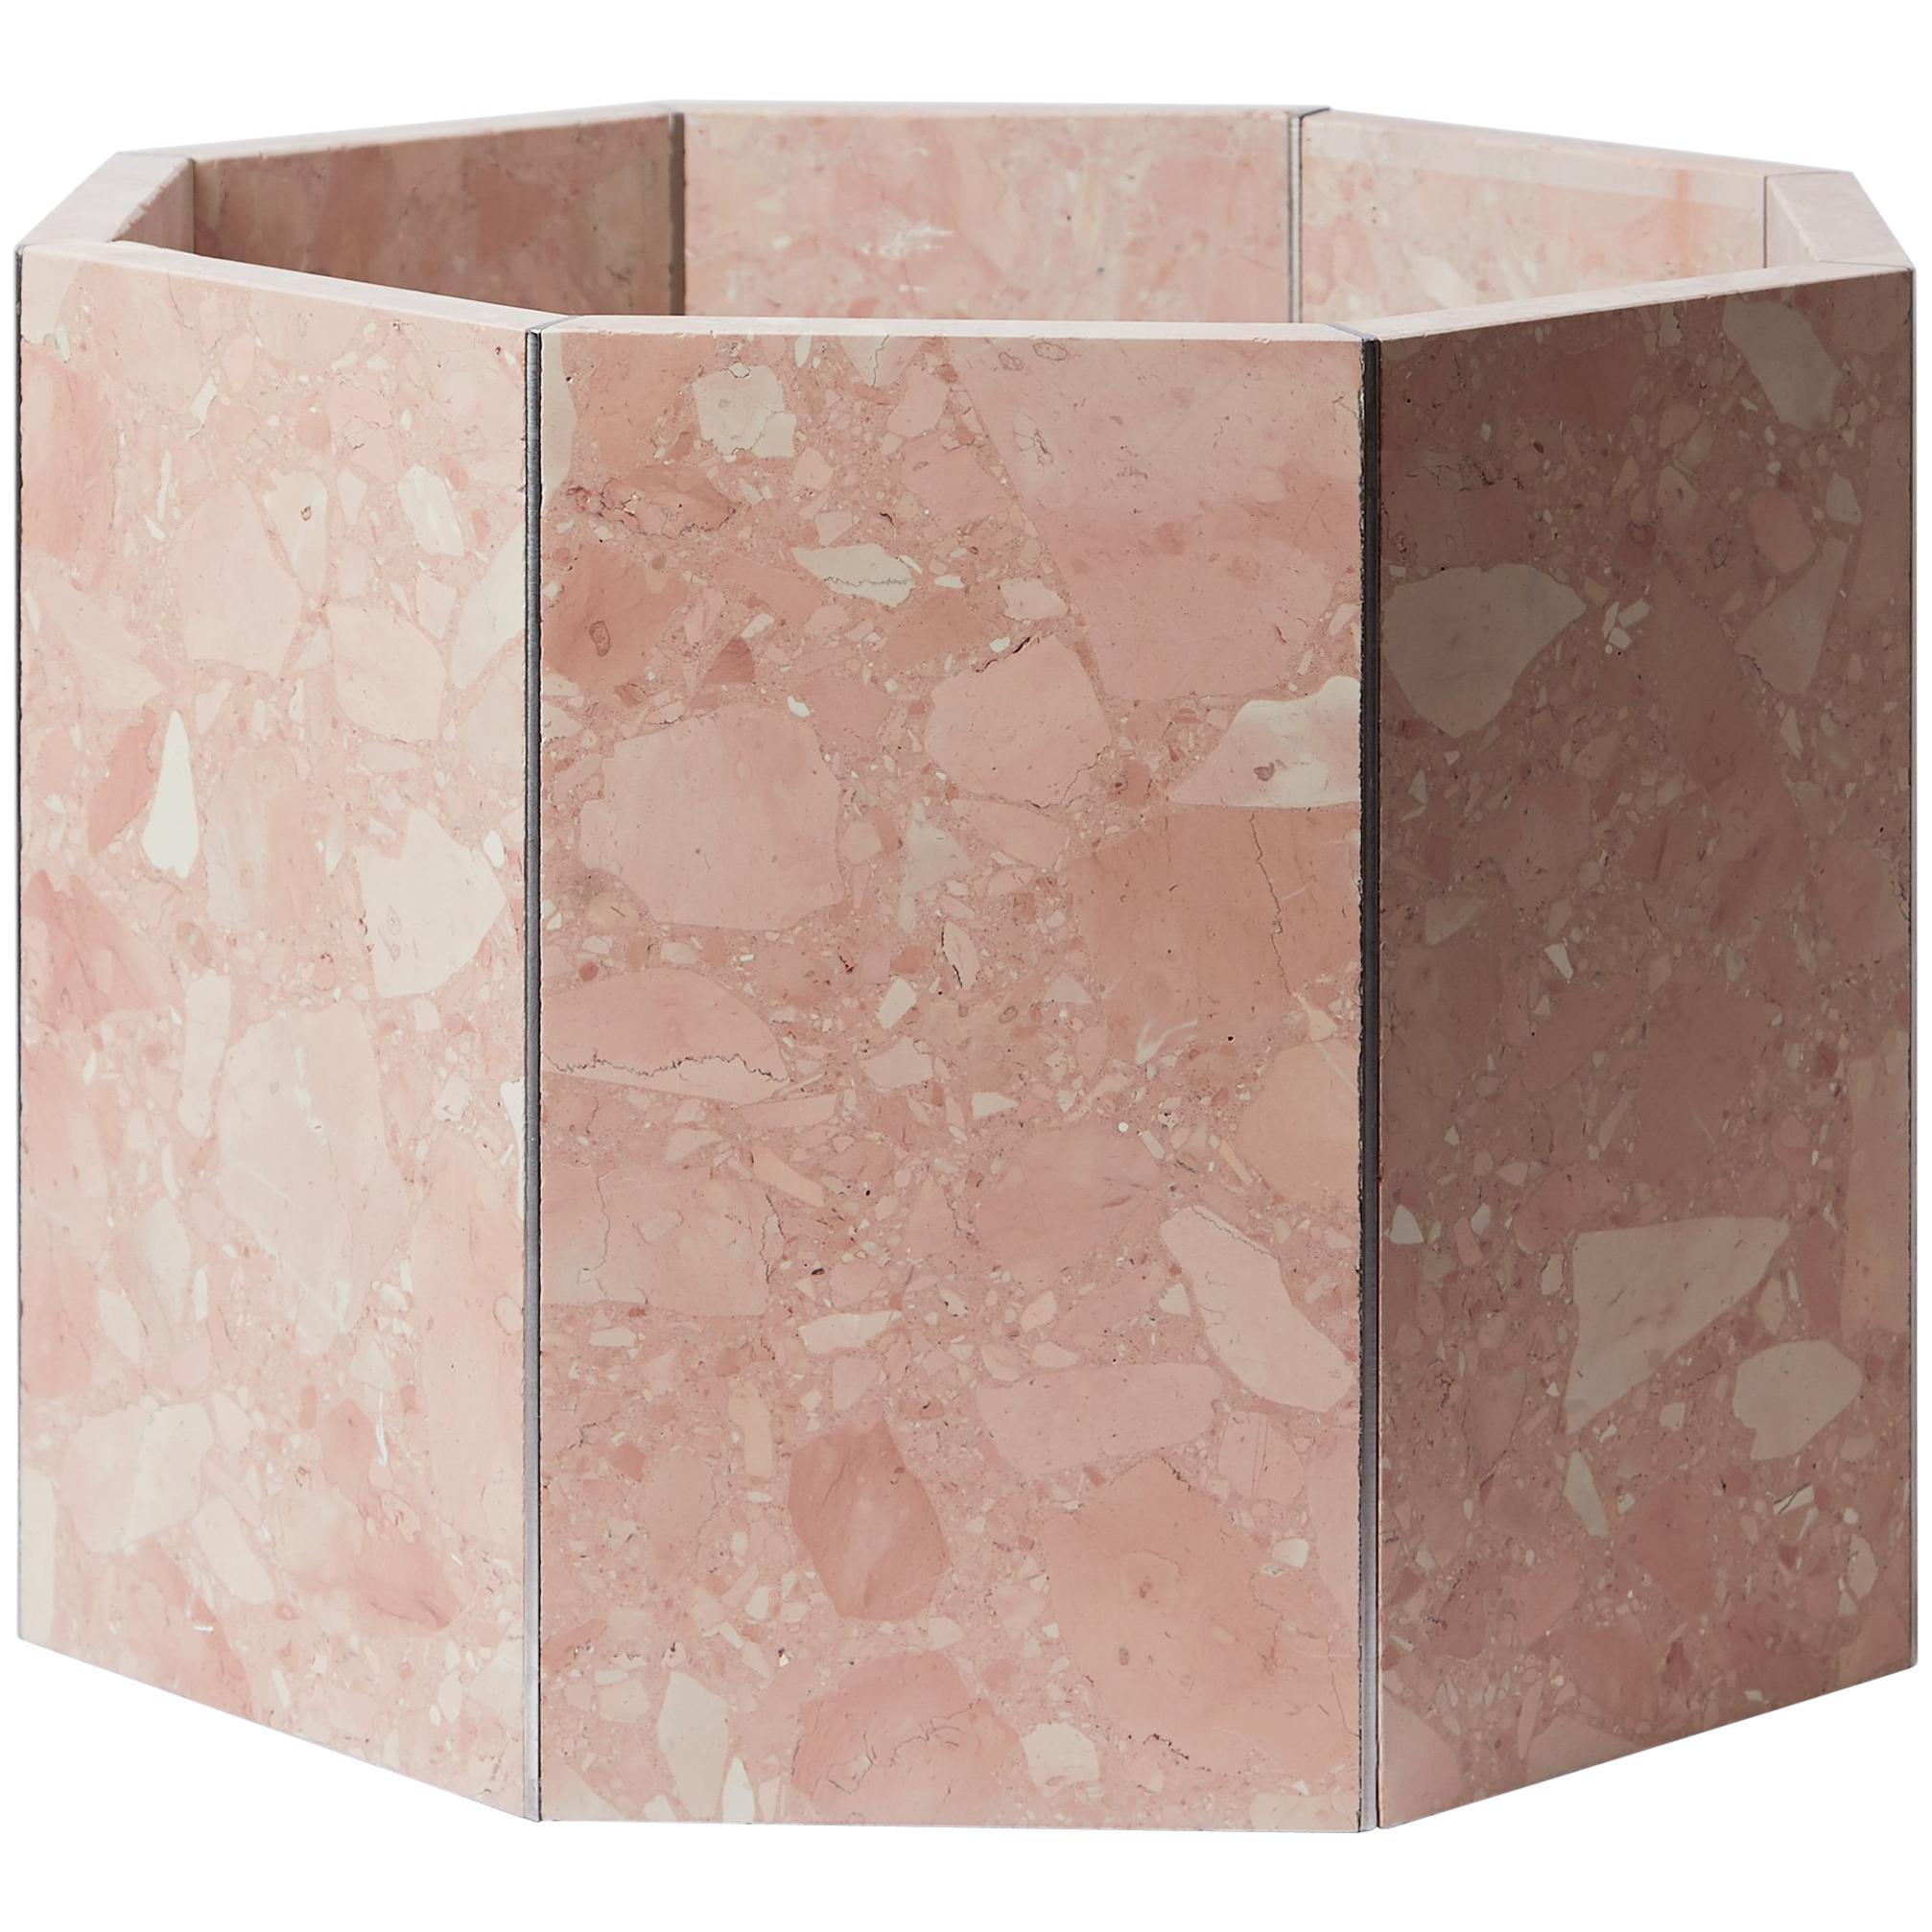 Contemporary Octagon Narcissus Planter / Pot in Pink Rosa Perlino Terrazzo